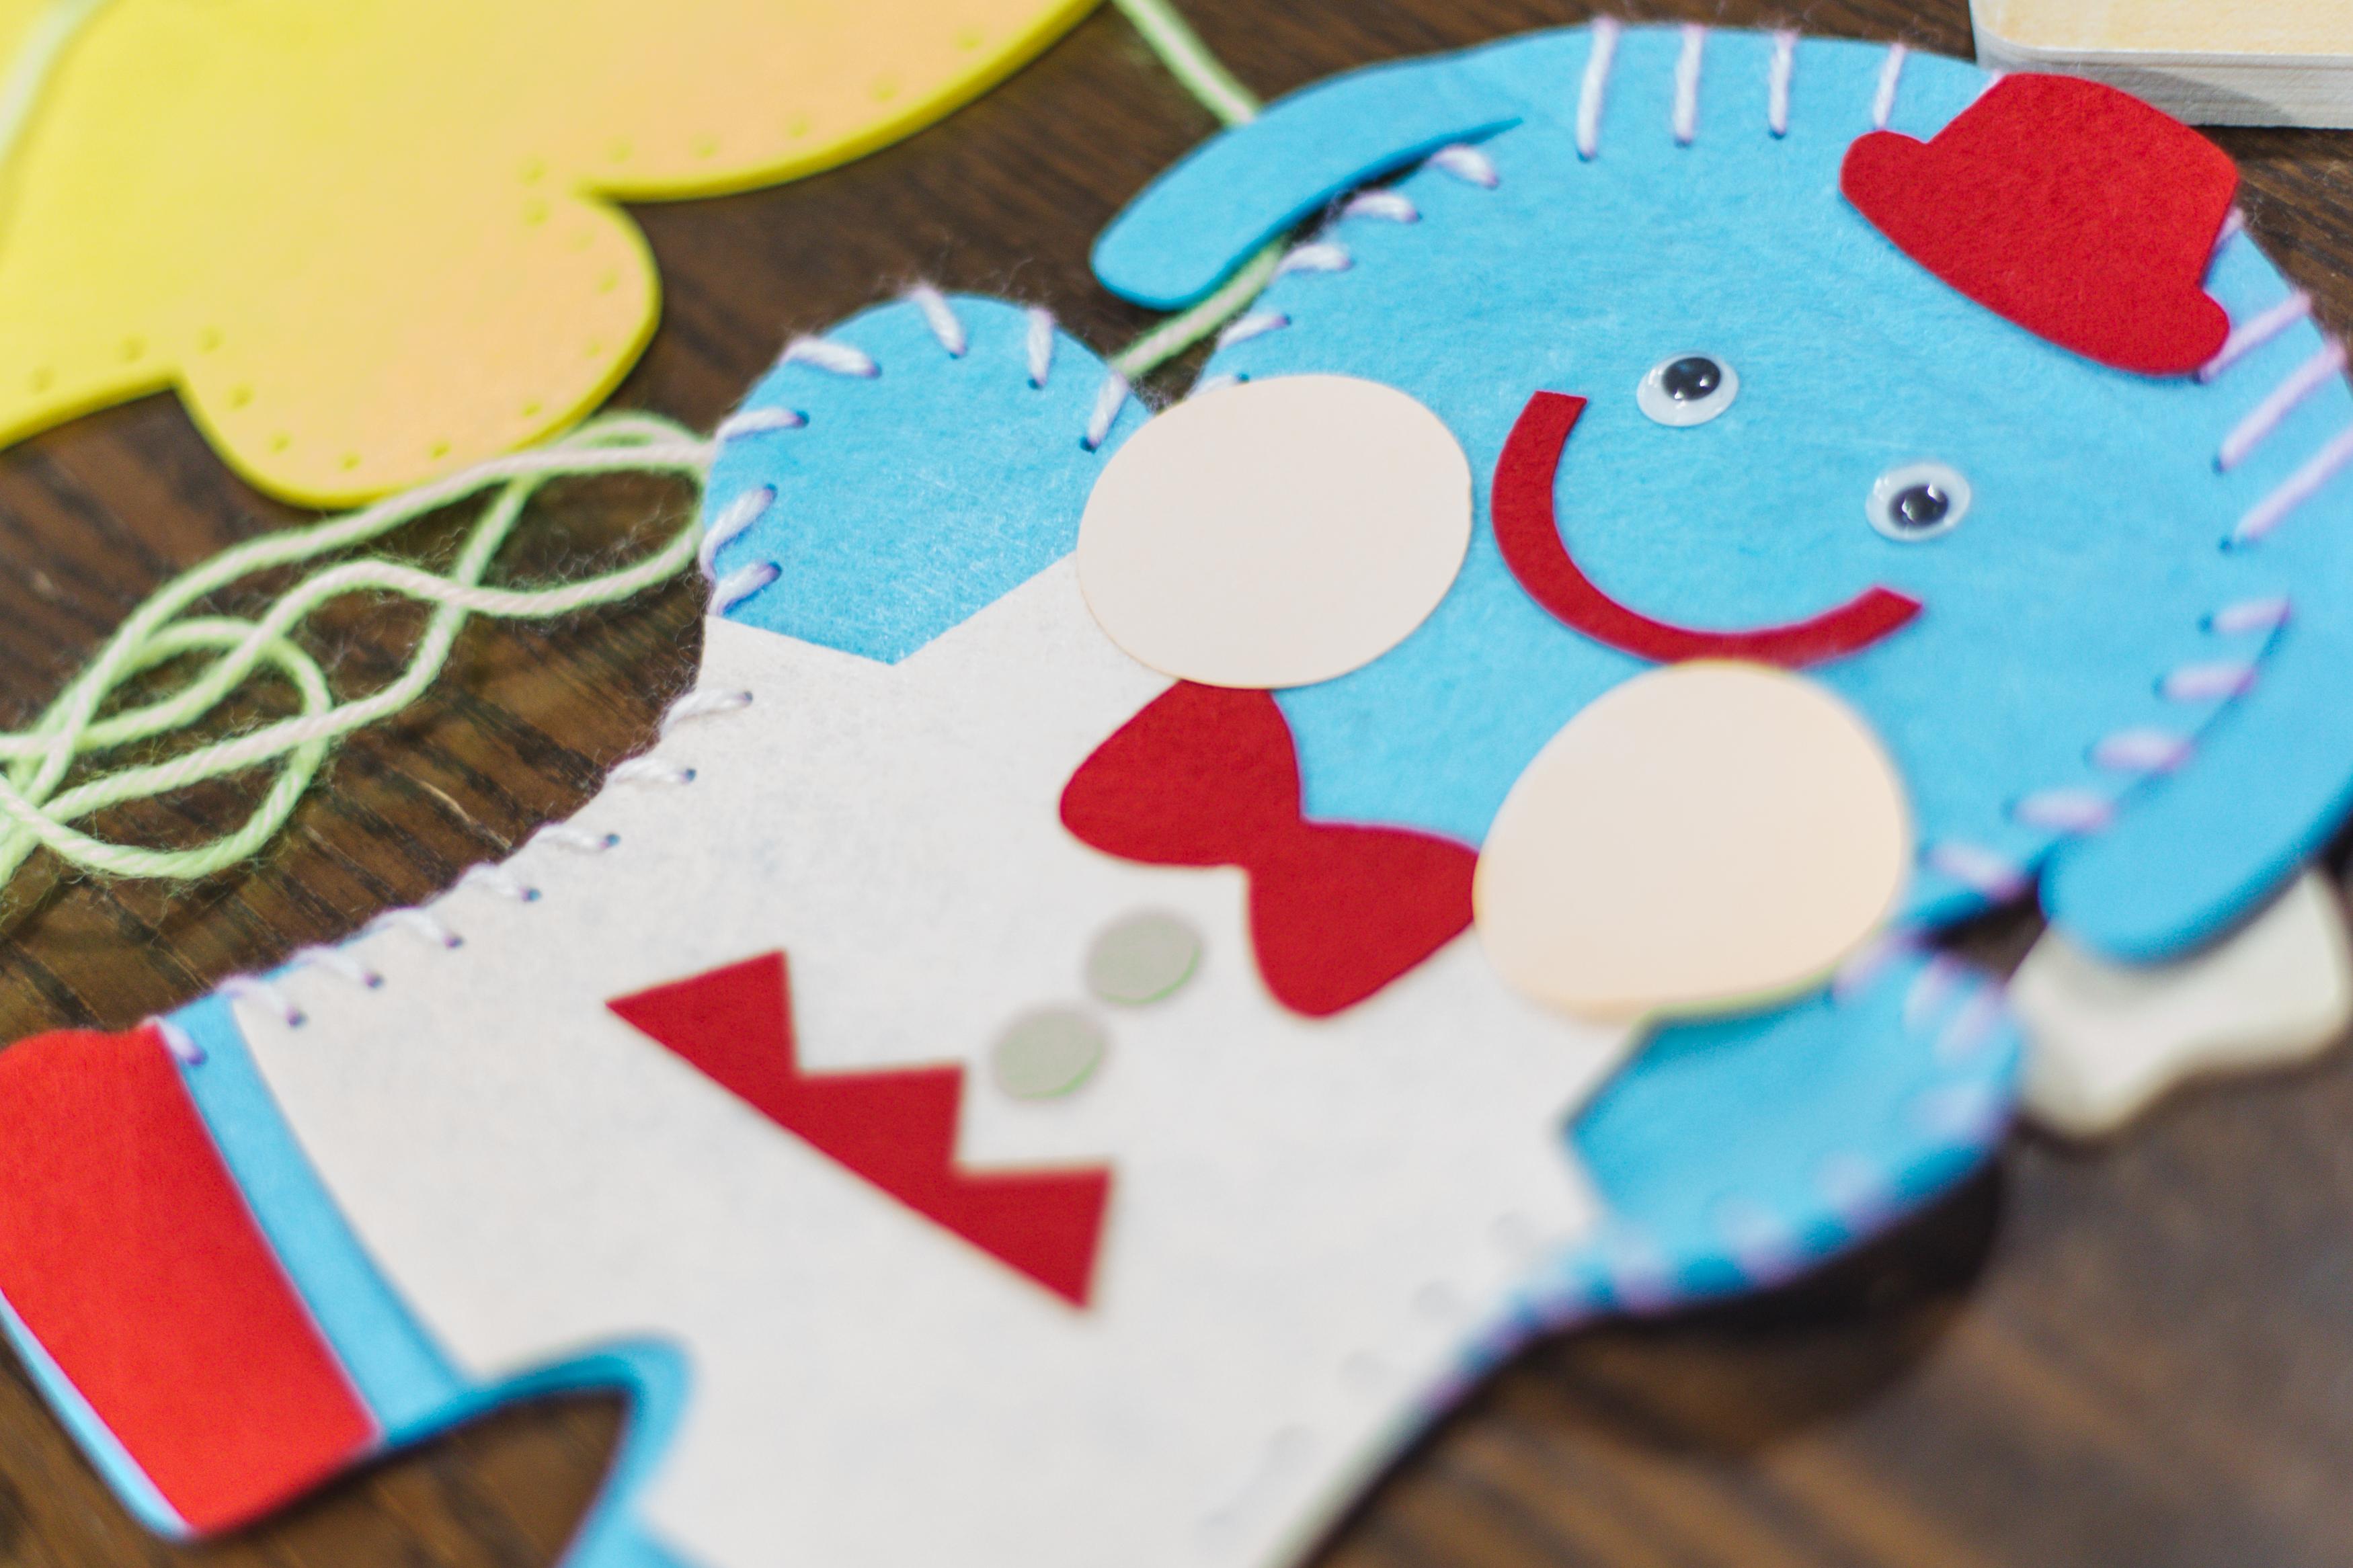 Teaching your child to sew - LOVEMADE HANDMADE